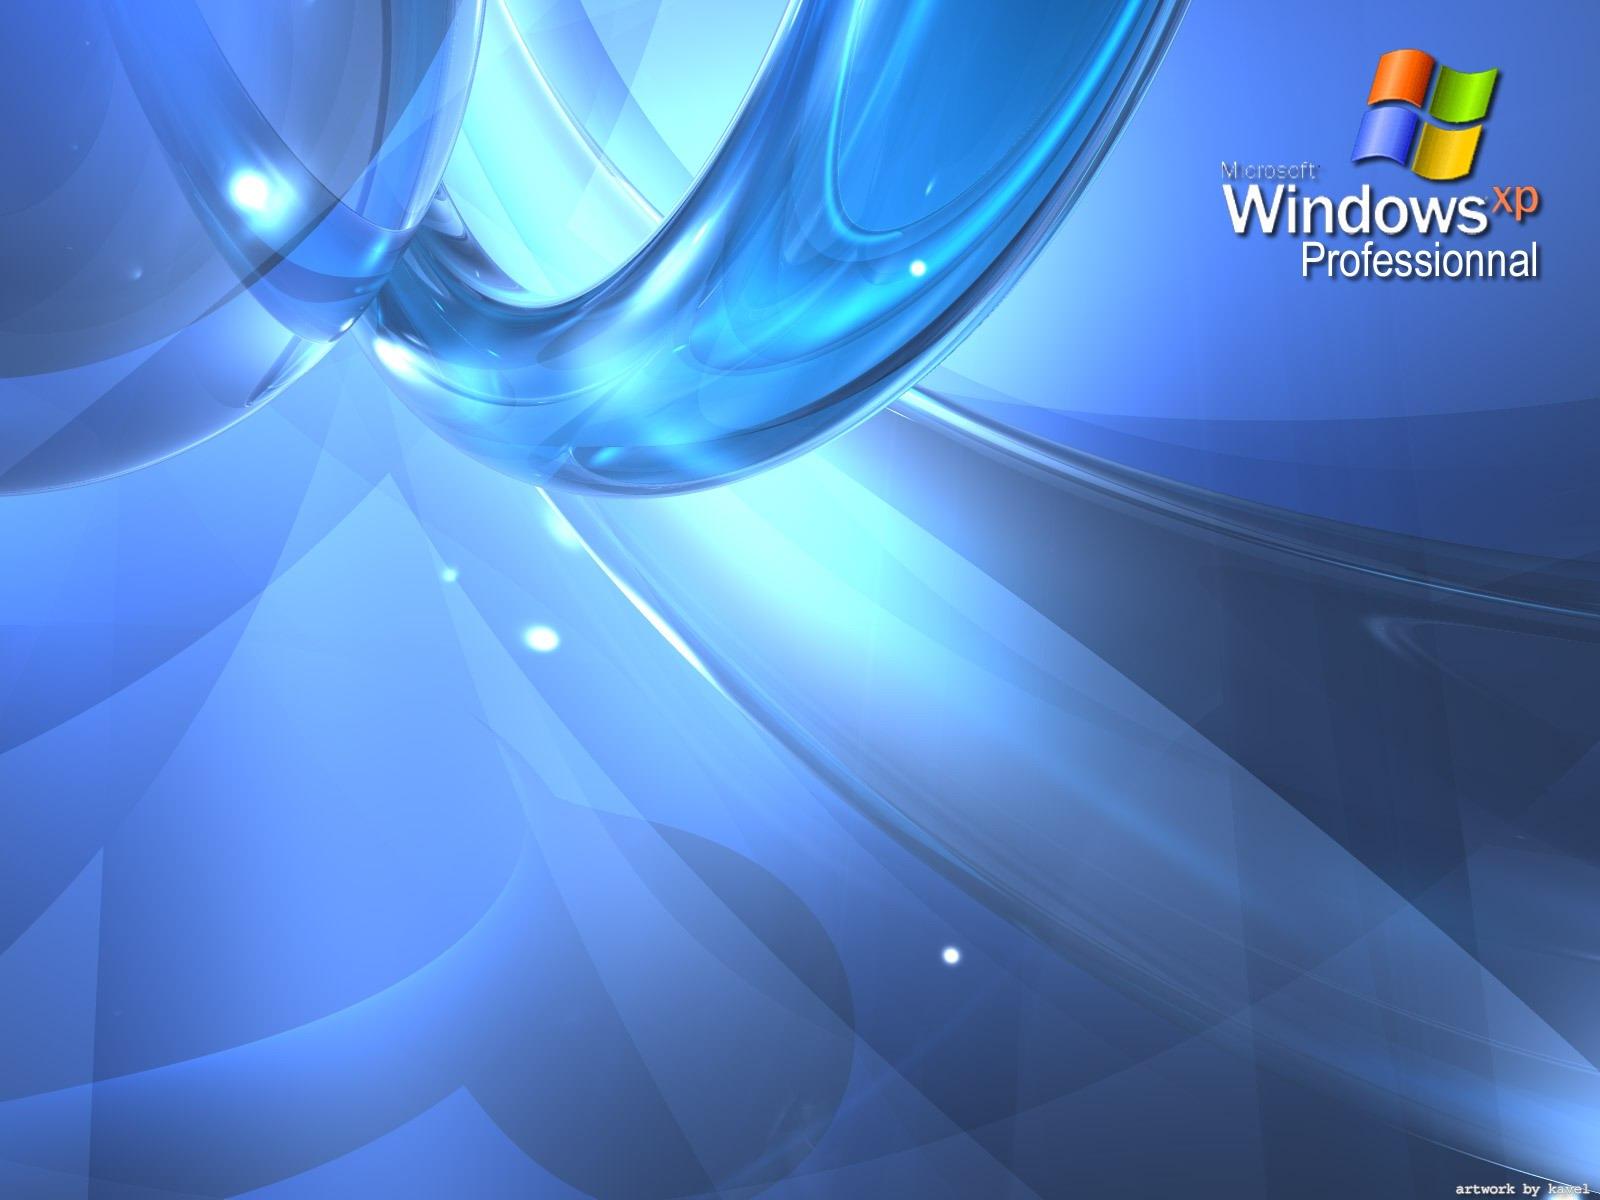 Desktop wallpaper downloads Windows XP high resolution 1600x1200 1600x1200